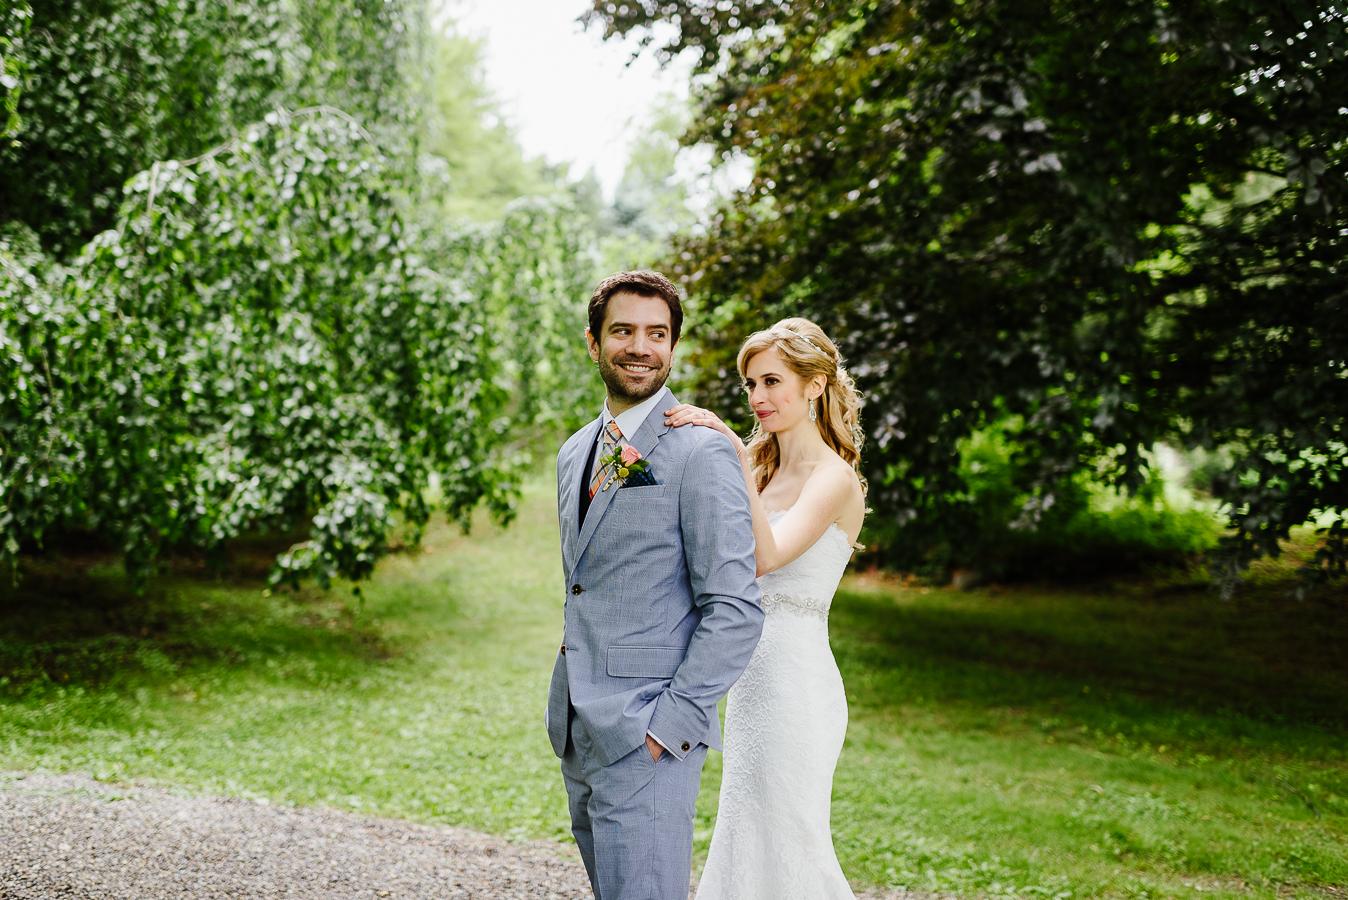 Stylish Crossed Keys Inn Wedding Crossed Keys Wedding Crossed Keys Inn Andover NJ Longbrook Photography-13.jpg